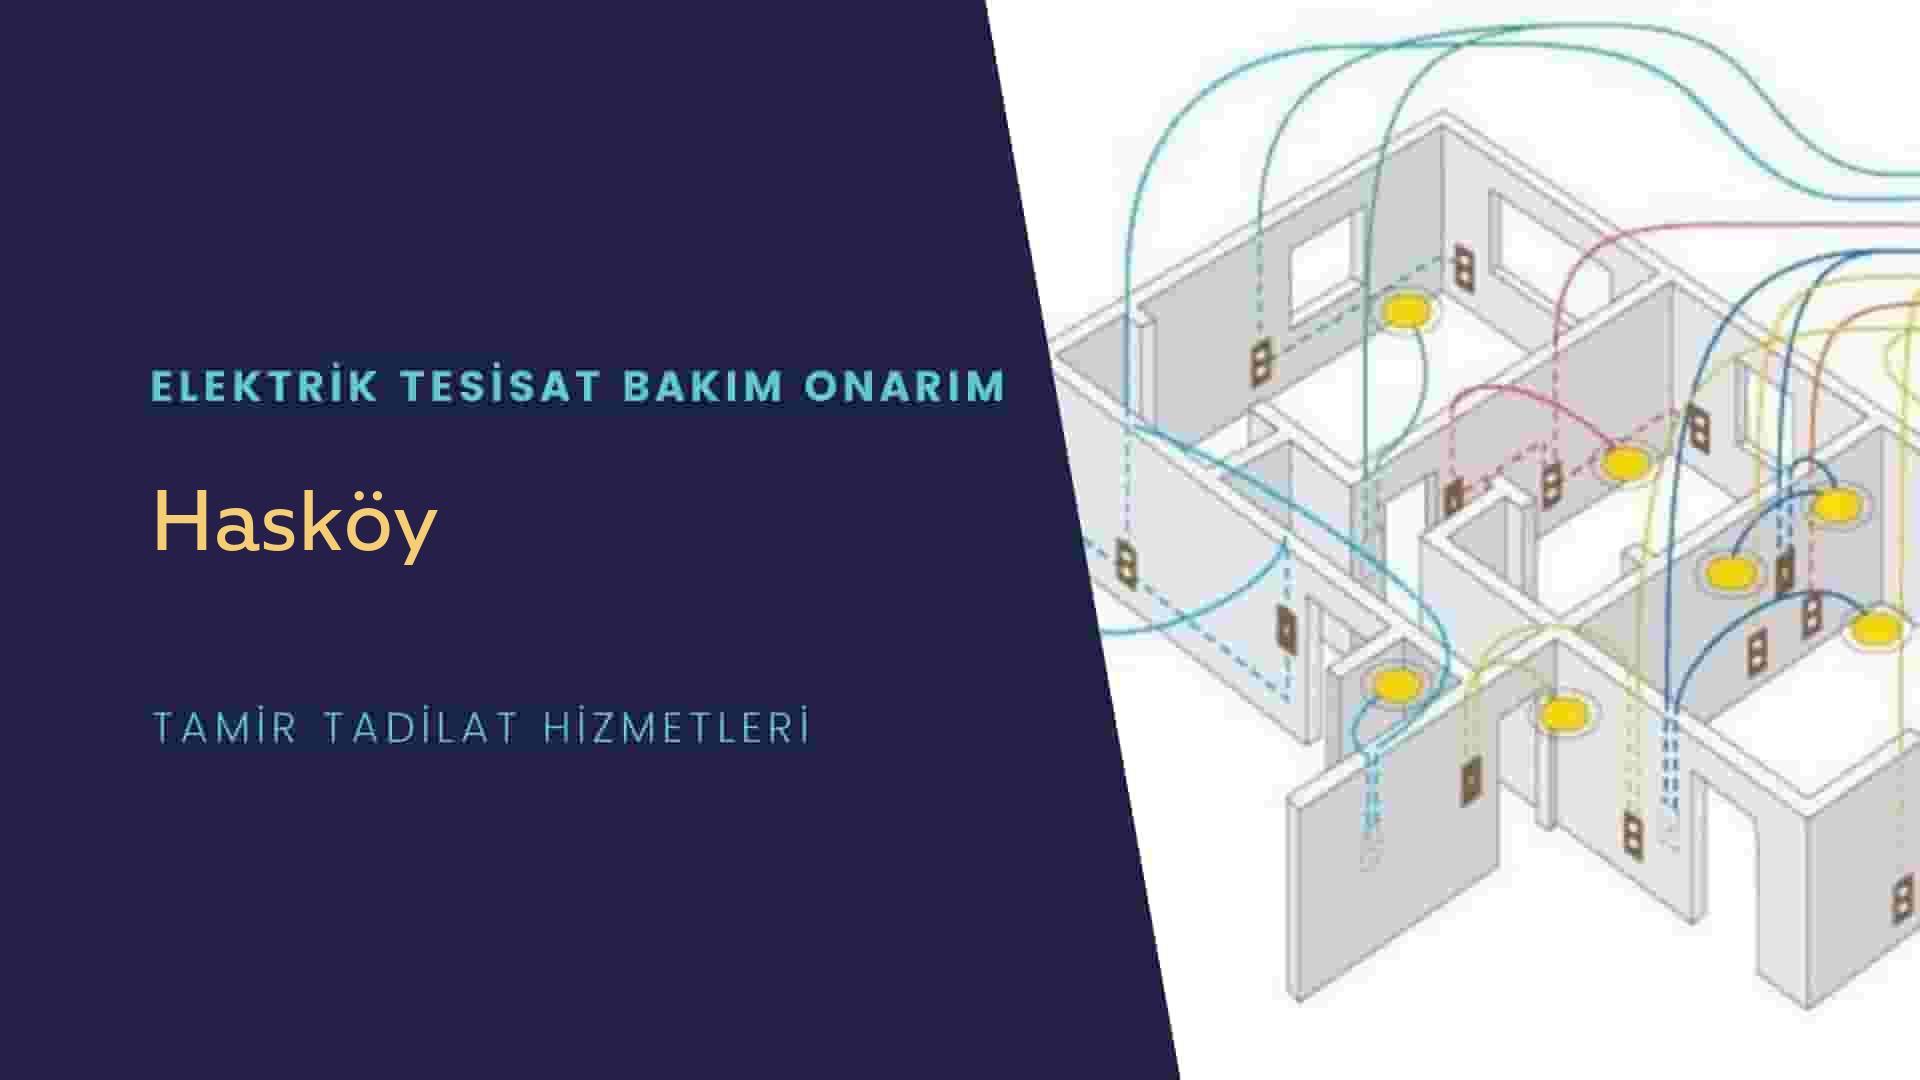 Hasköy'de elektrik tesisatıustalarımı arıyorsunuz doğru adrestenizi Hasköy elektrik tesisatı ustalarımız 7/24 sizlere hizmet vermekten mutluluk duyar.